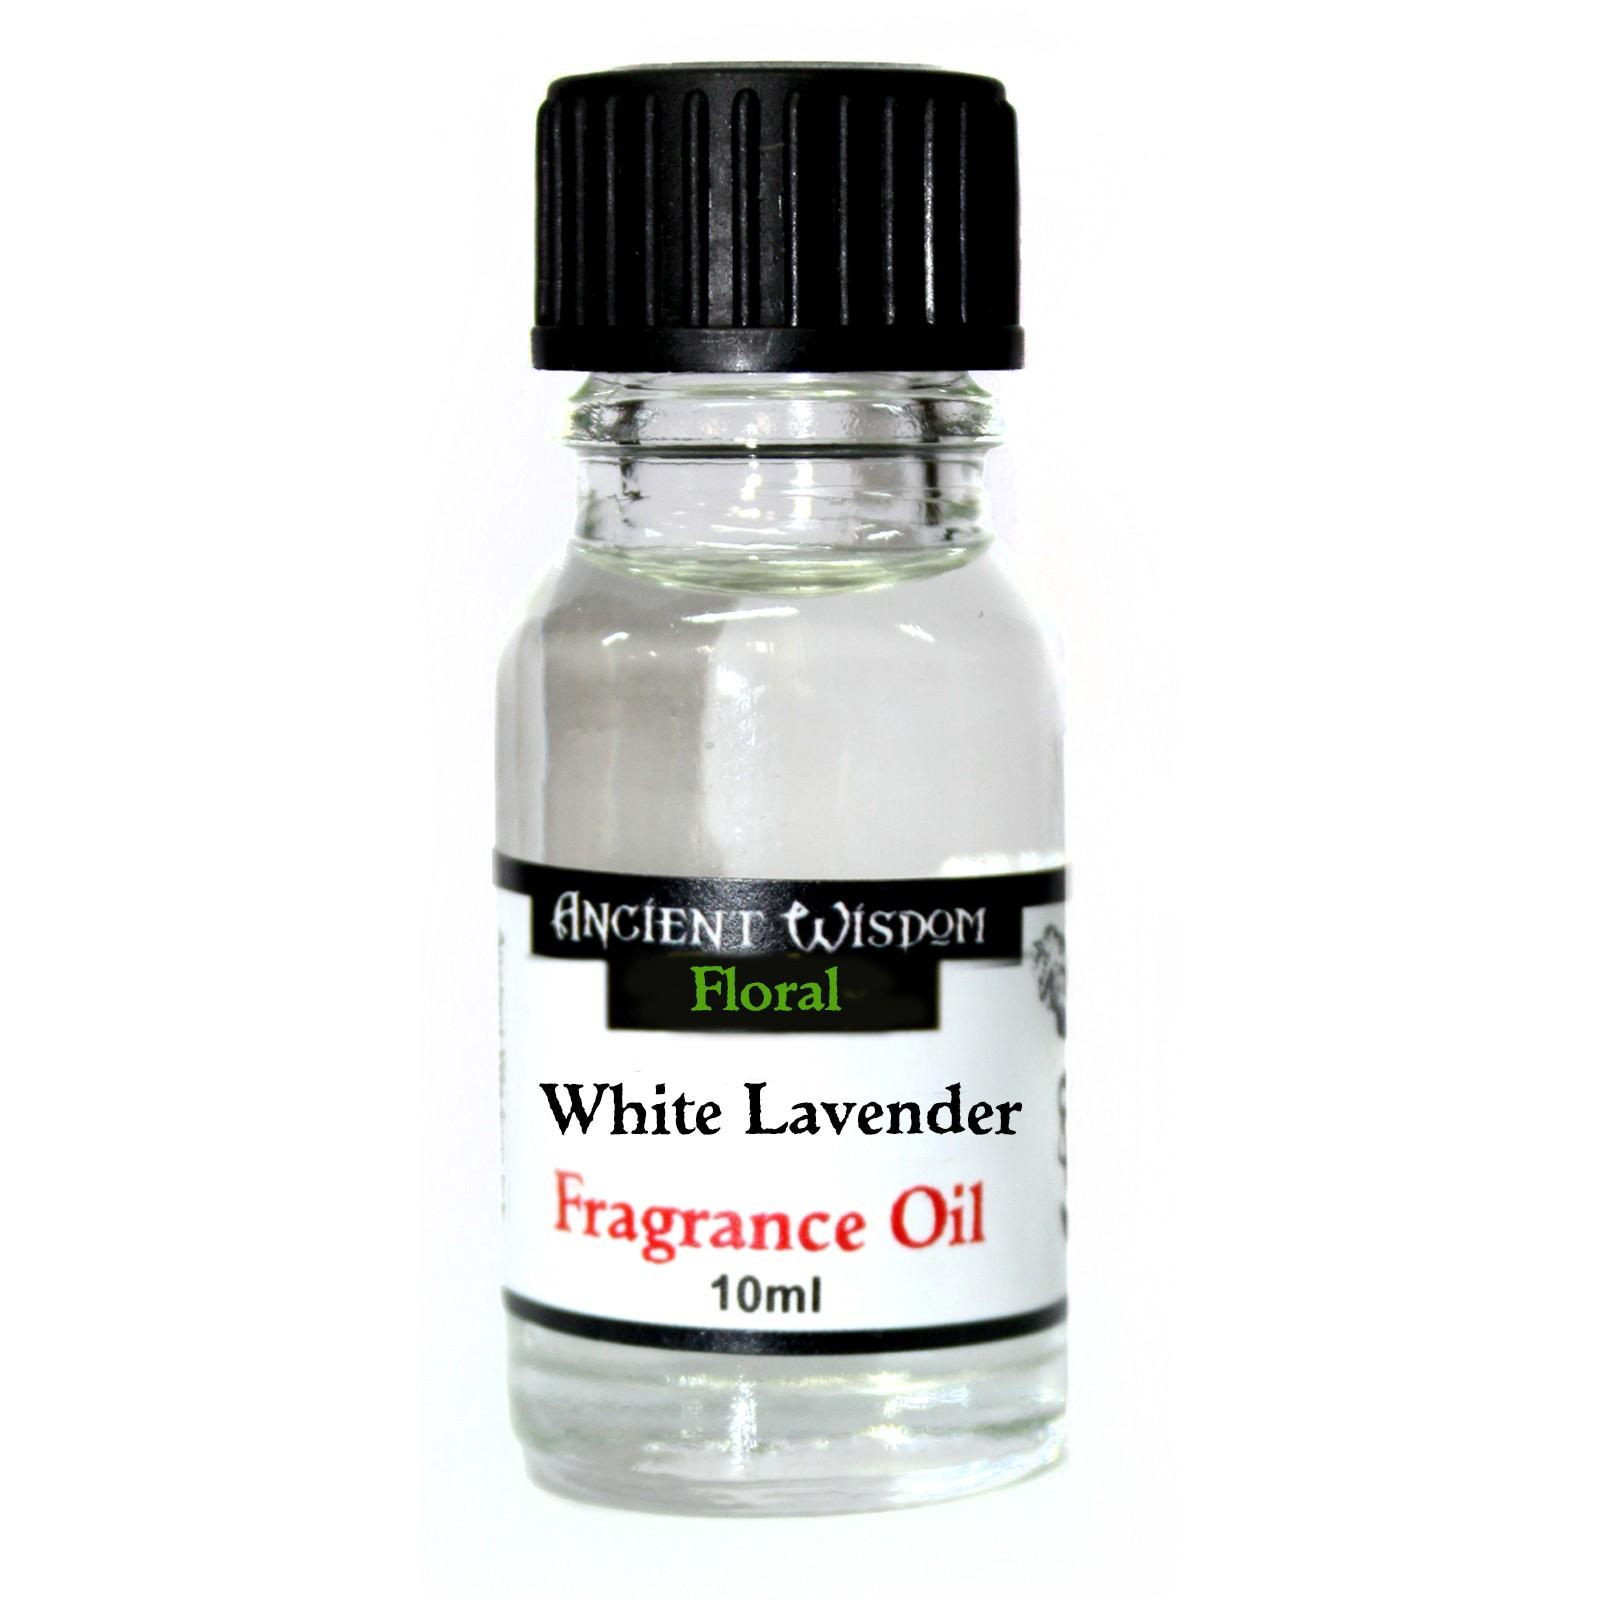 10ml White Lavender Fragrance Oil